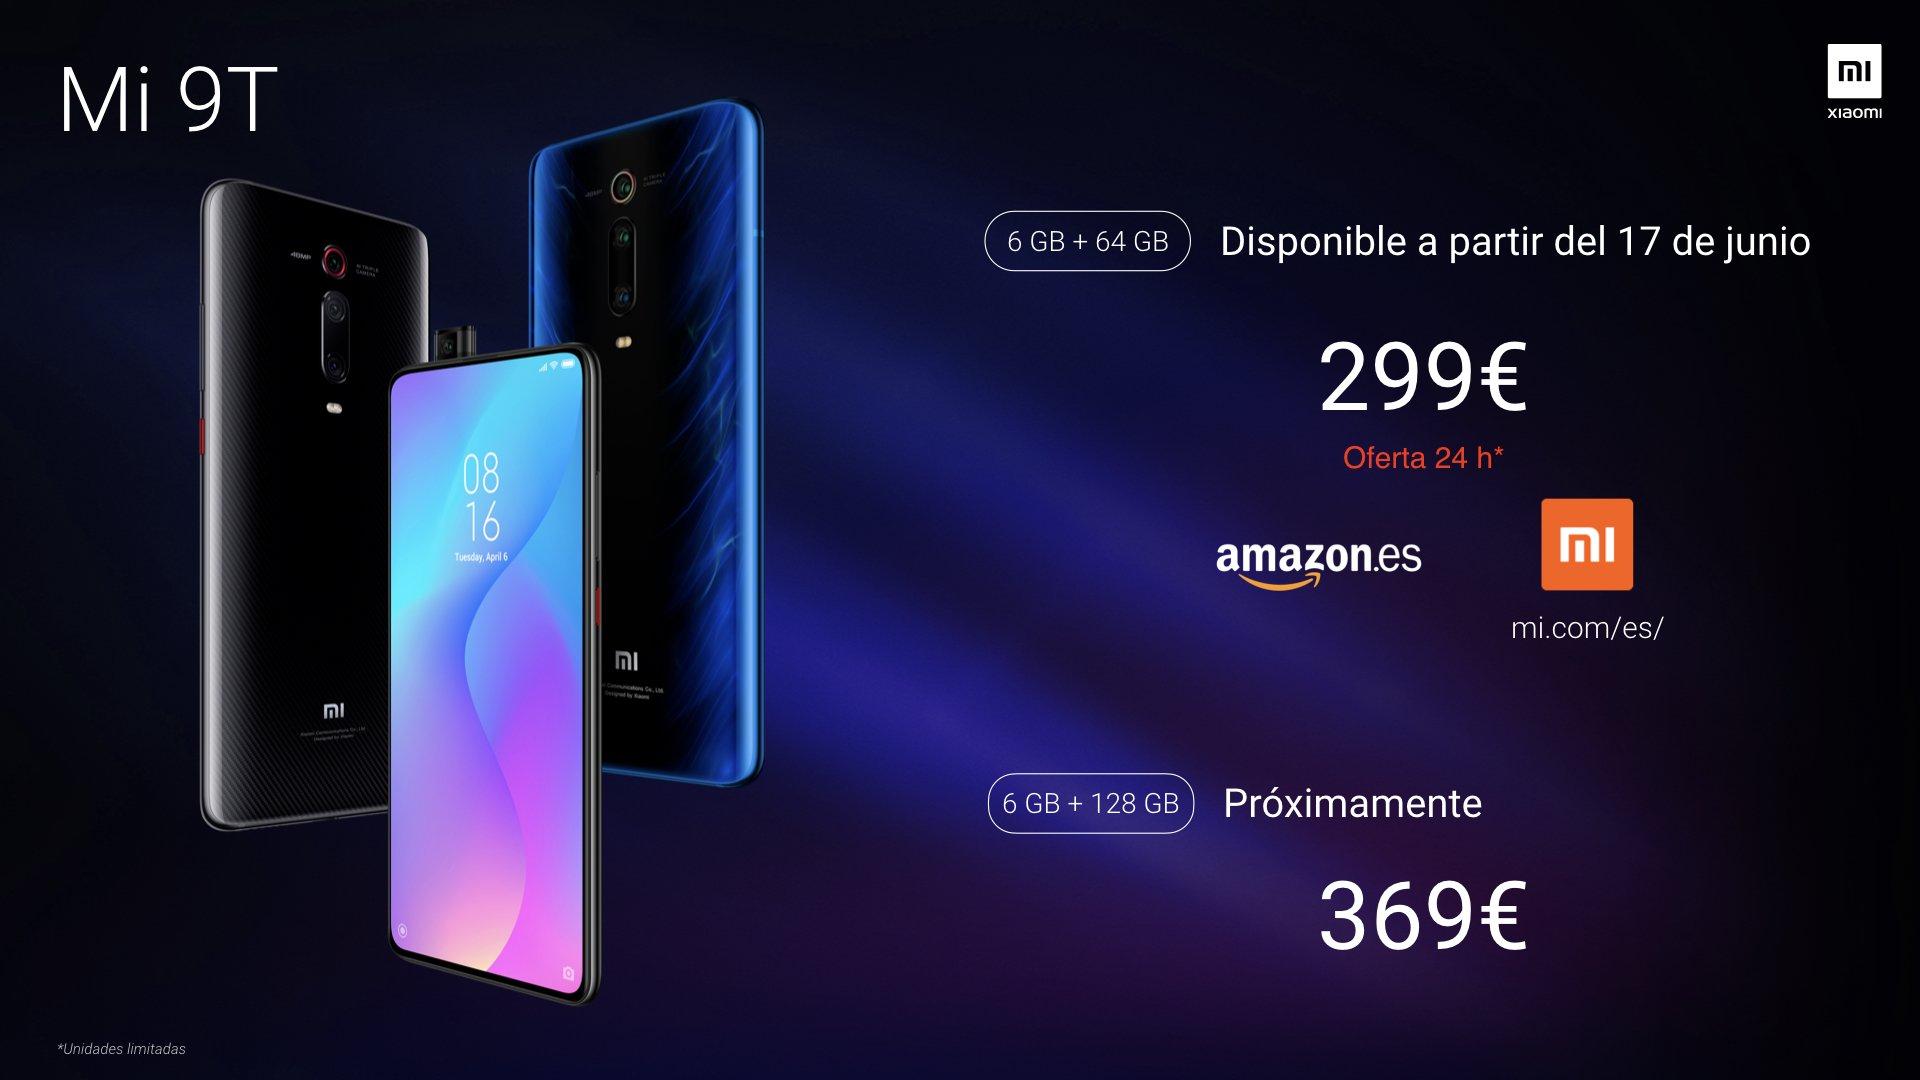 Comprar y reservar Xiaomi Mi 9T al mejor precio en Amazon España. Noticias Xiaomi Adictos